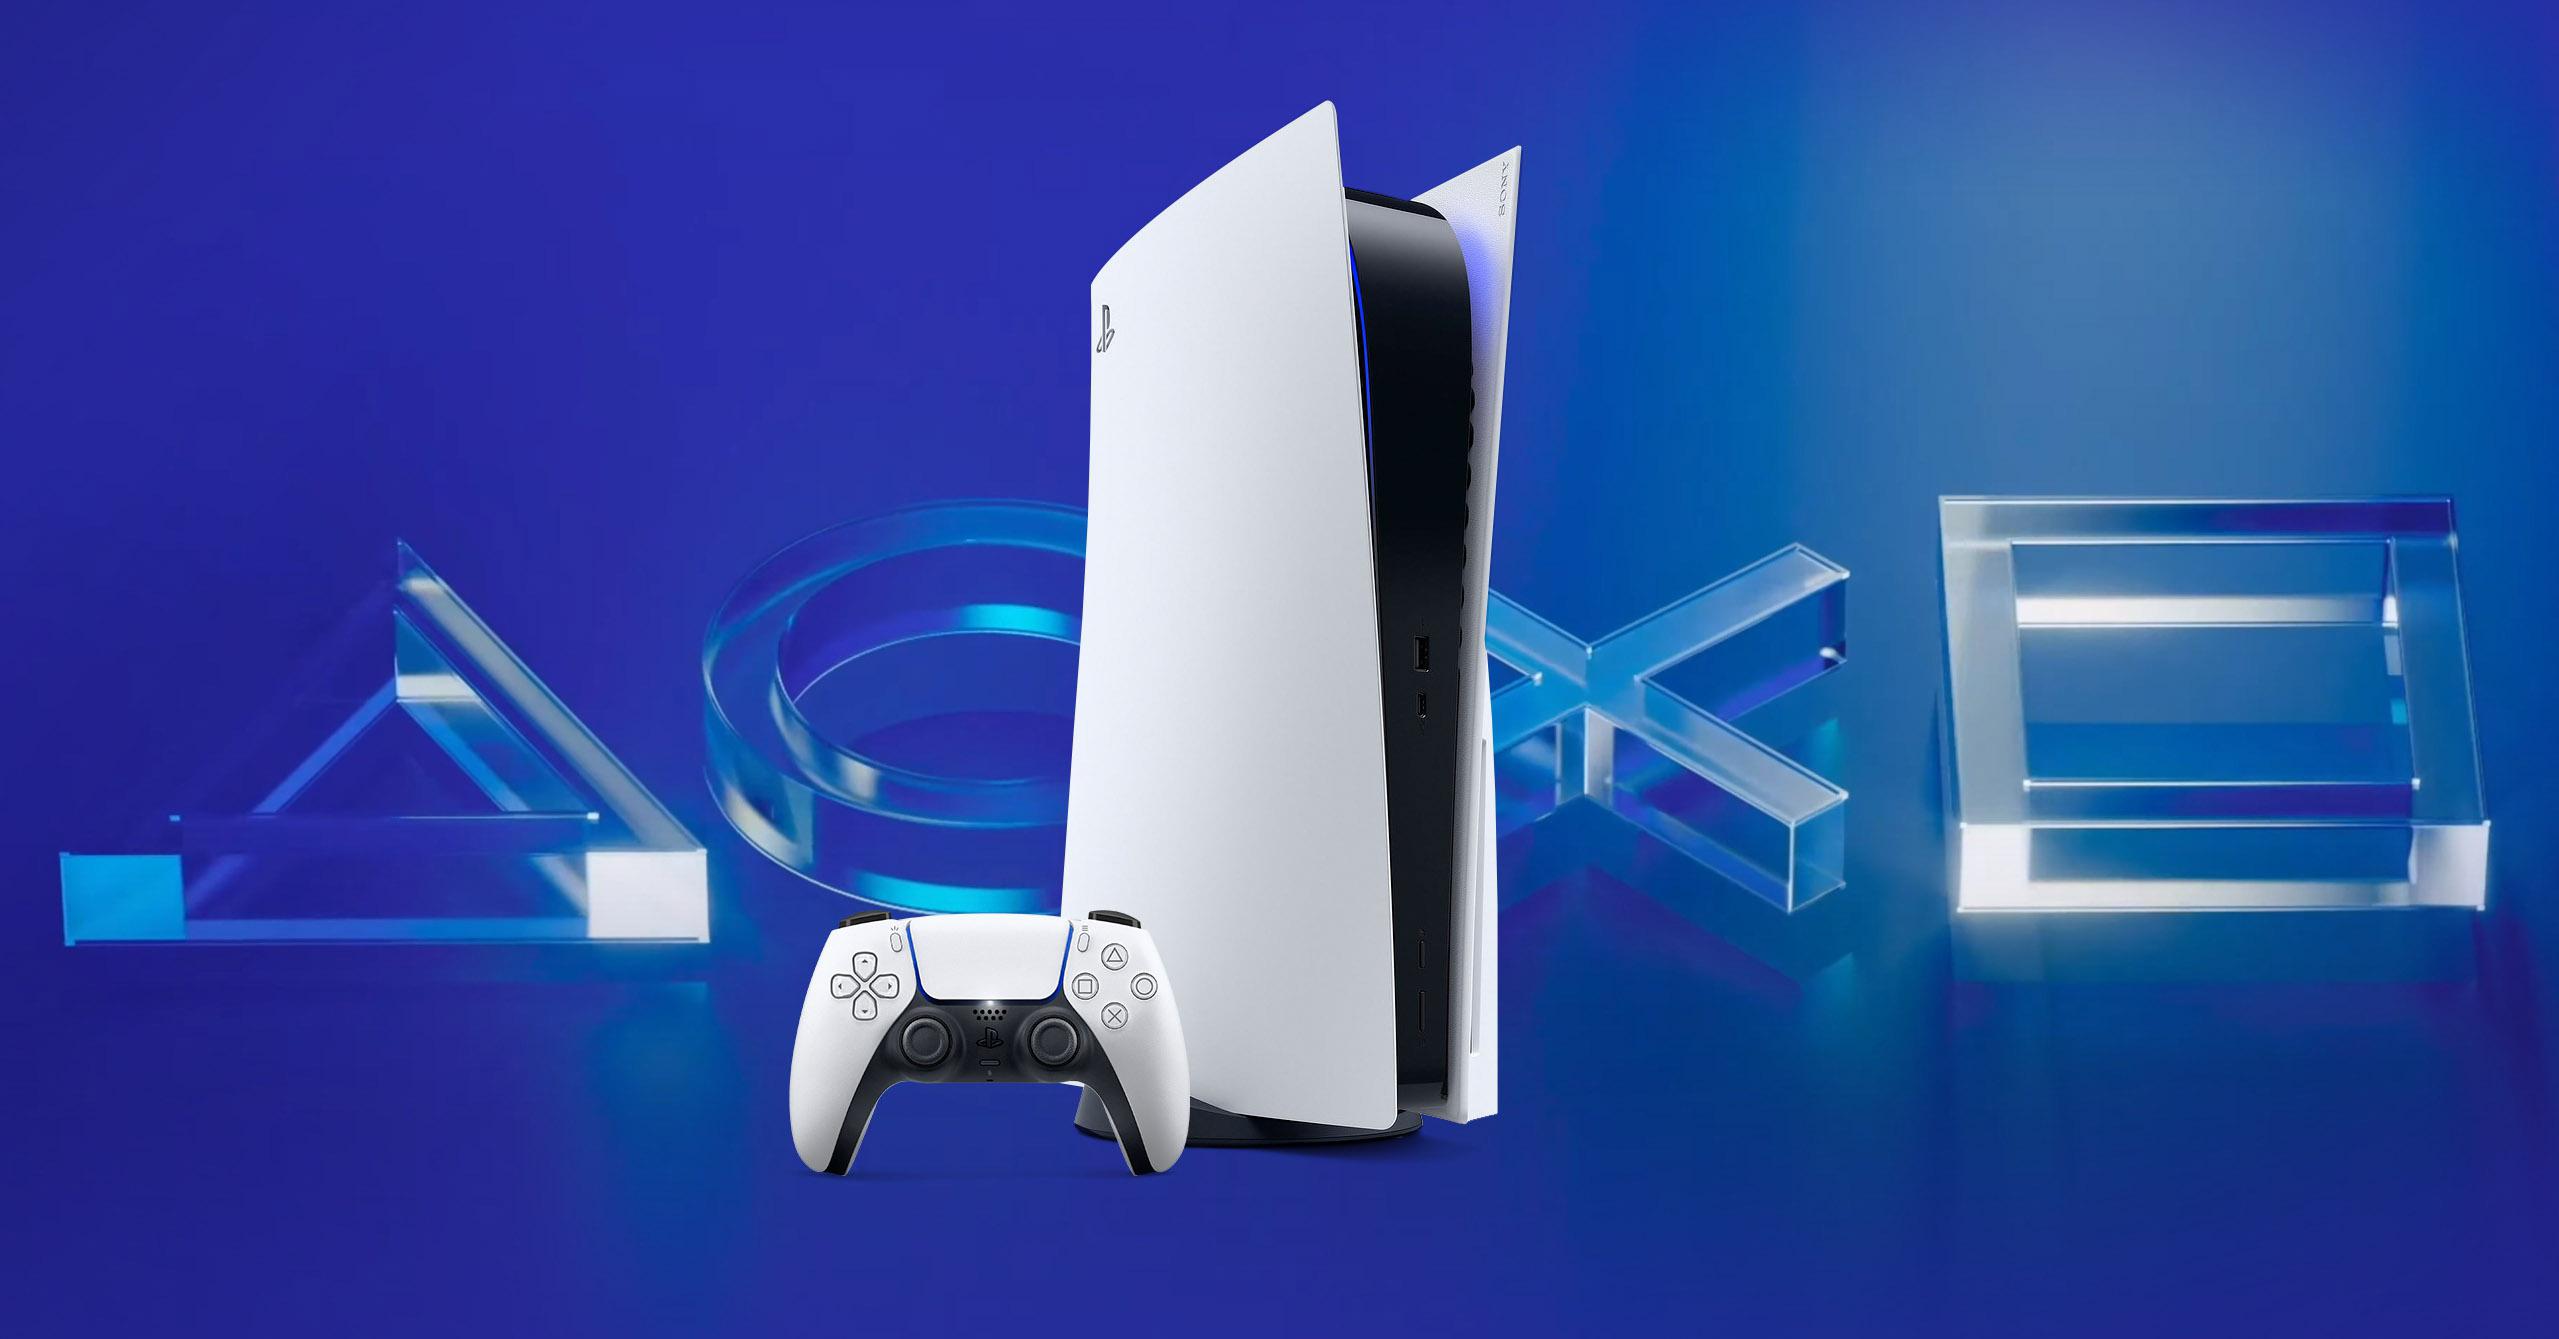 Сравнение PS5 Отличие от PS4 Pro, Характеристики.